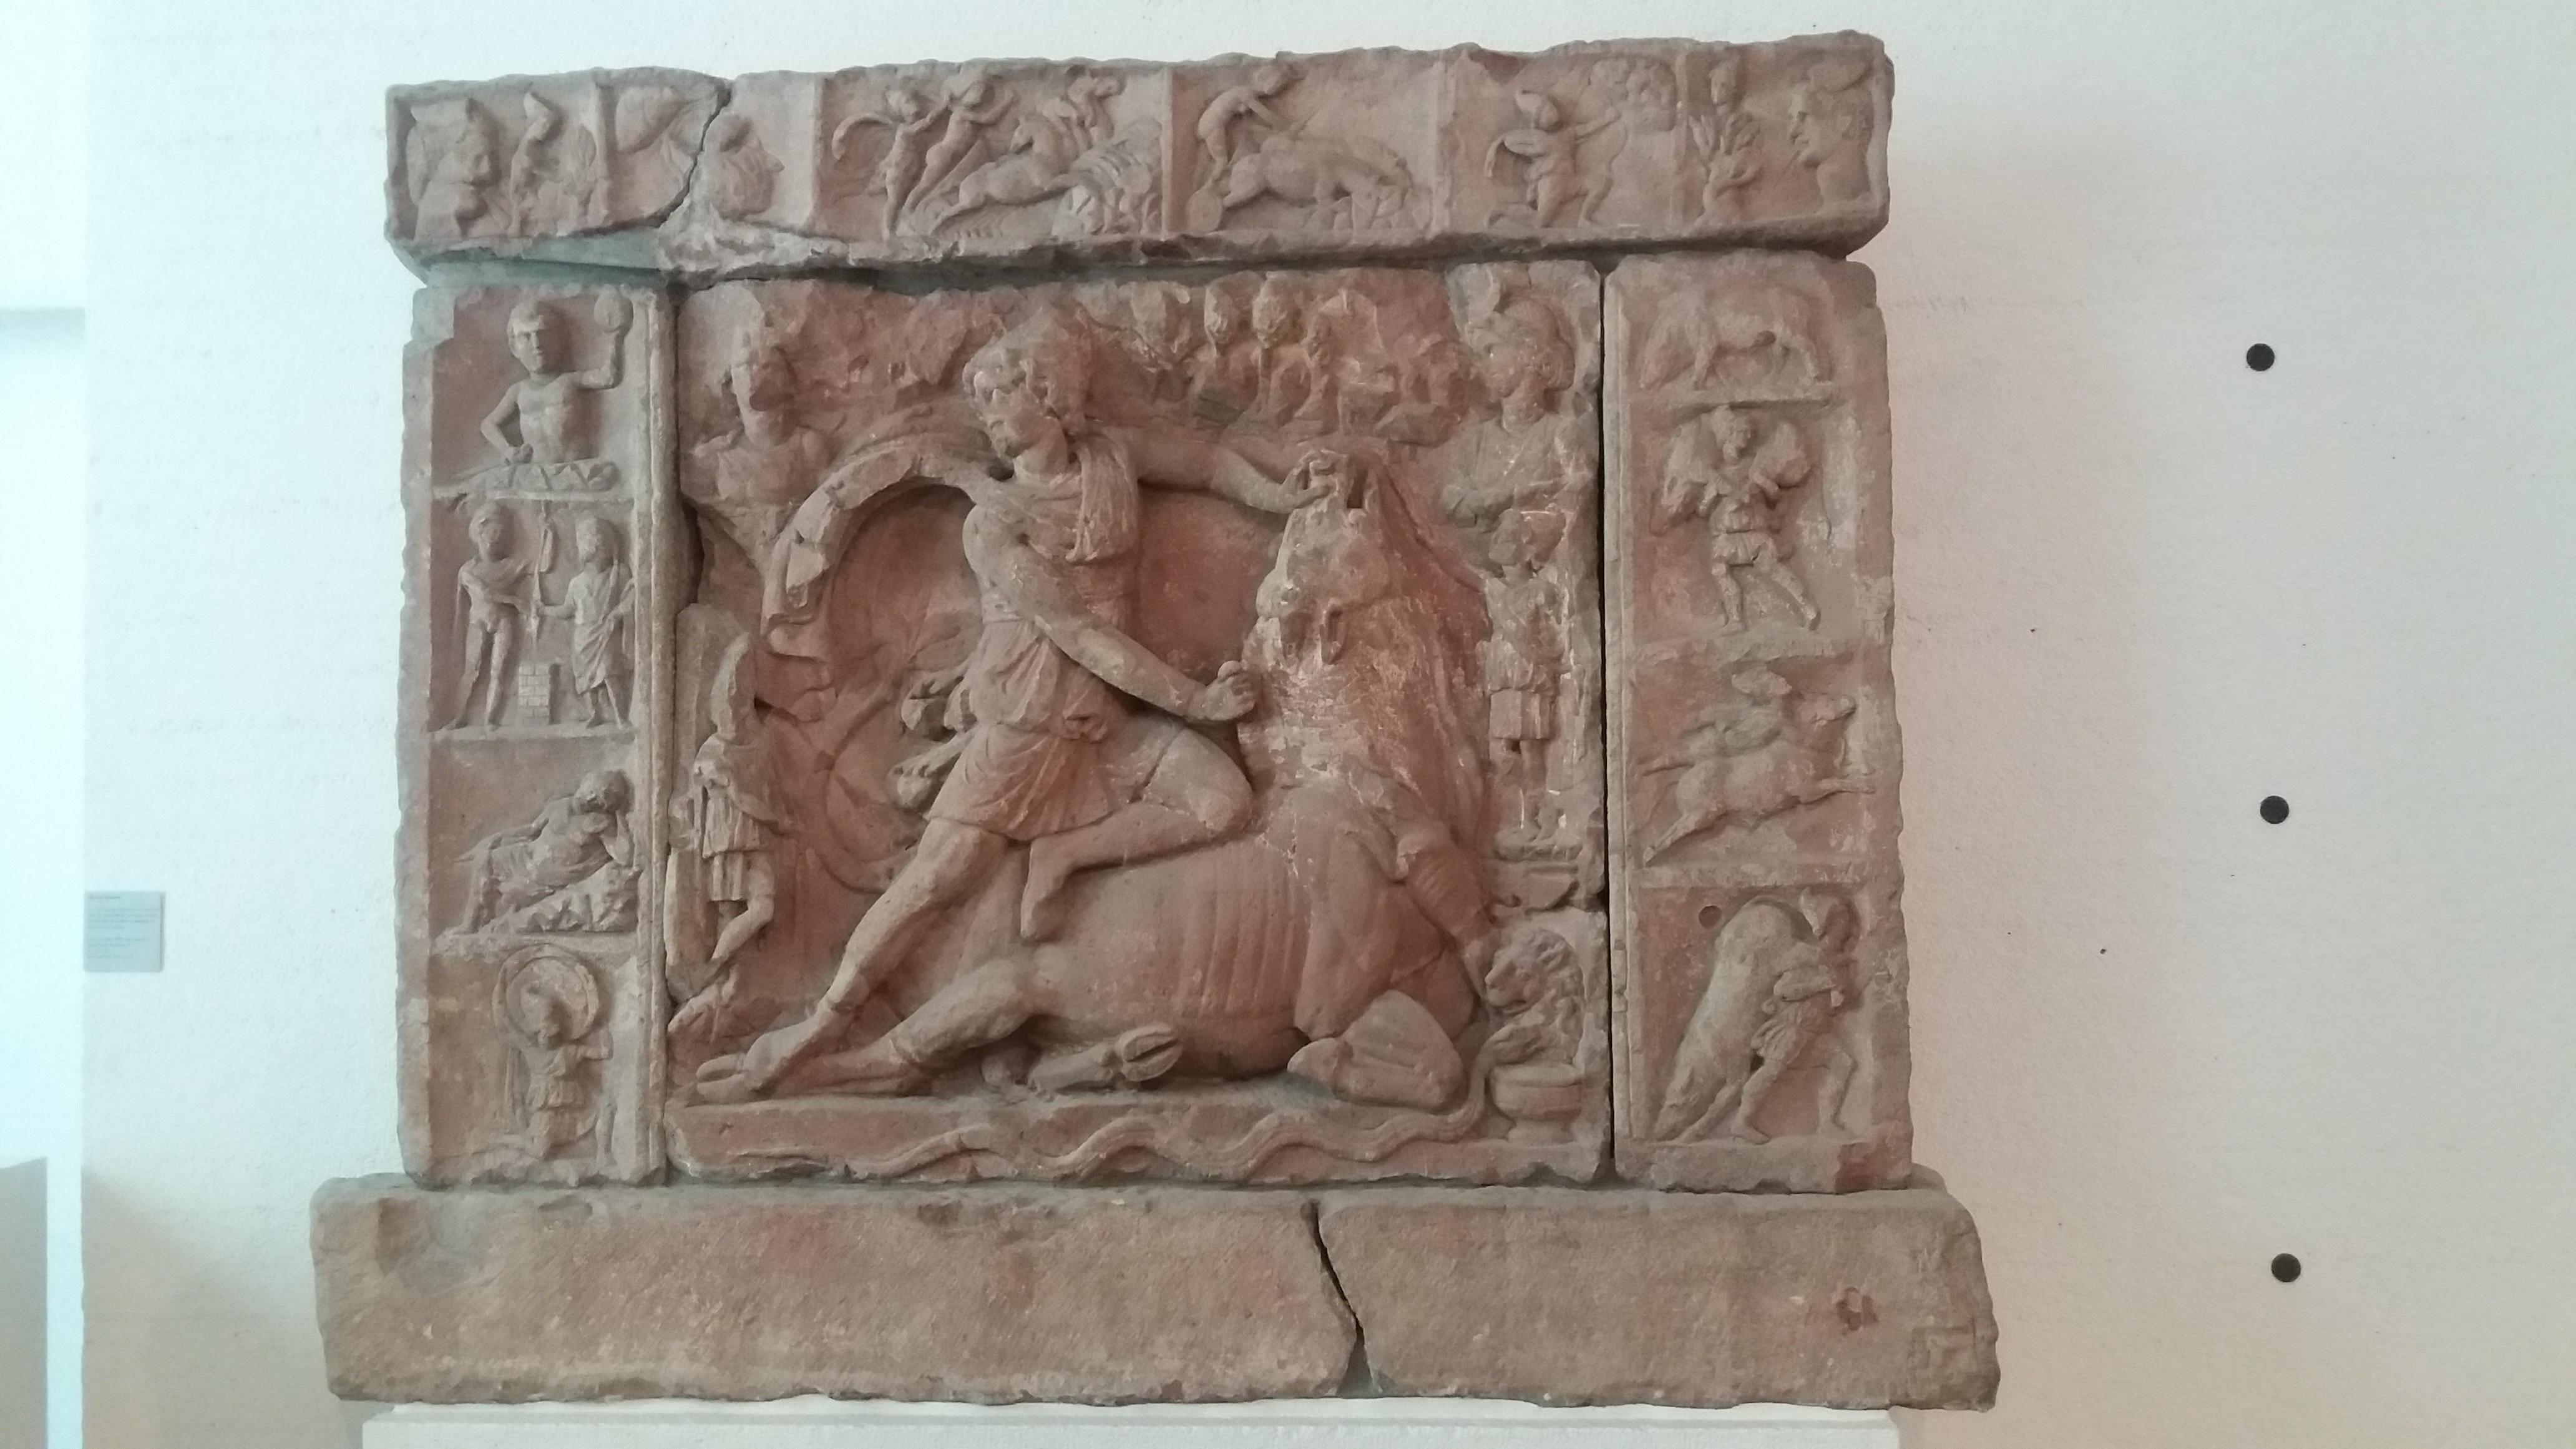 Foto 3: Mithrase härjaohvrit ning tema teisi elusündmusi kujutav kultusreljeef Neuenheimi (Saksamaa) mithraeum'ist. Badisches Landesmuseum, Karlsruhe (foto: Jaan Lahe)